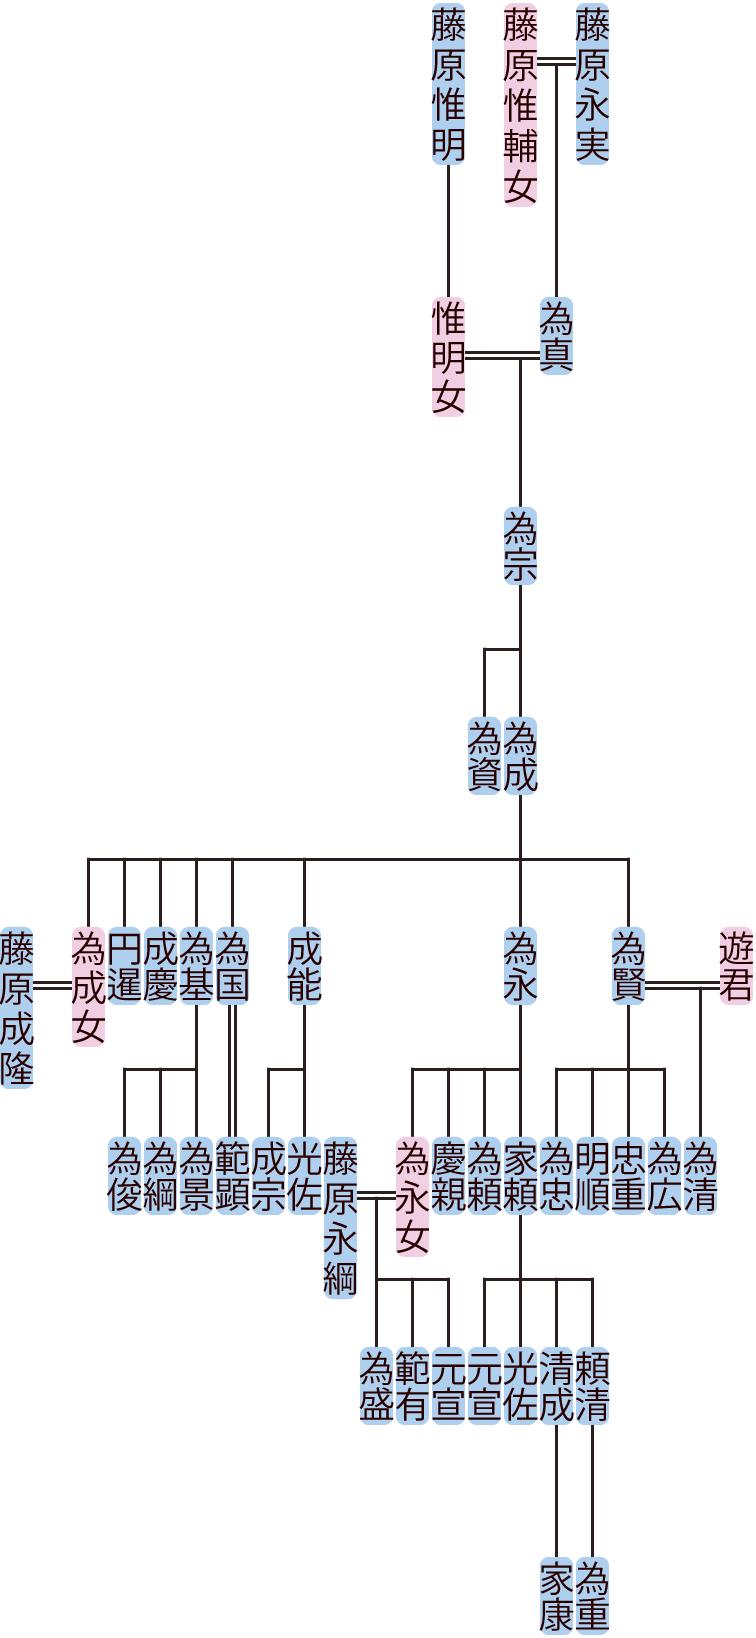 藤原為宗の系図